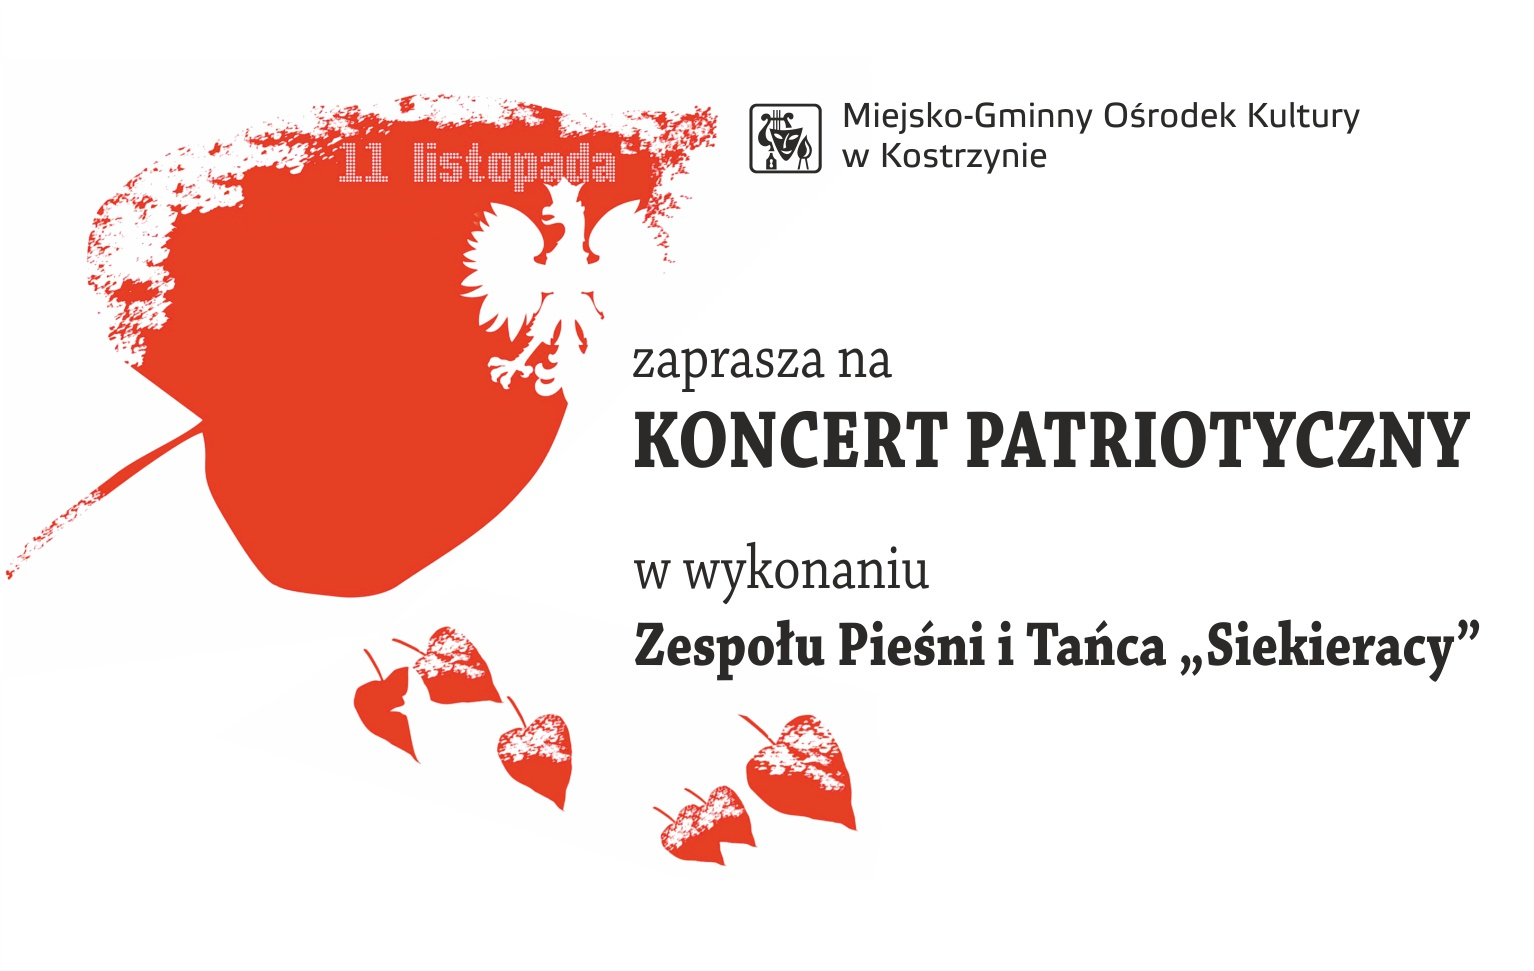 MGOK zaprasza na koncert patriotyczny w wykonaniu Zespołu Piesni i Tańca Siekieracy